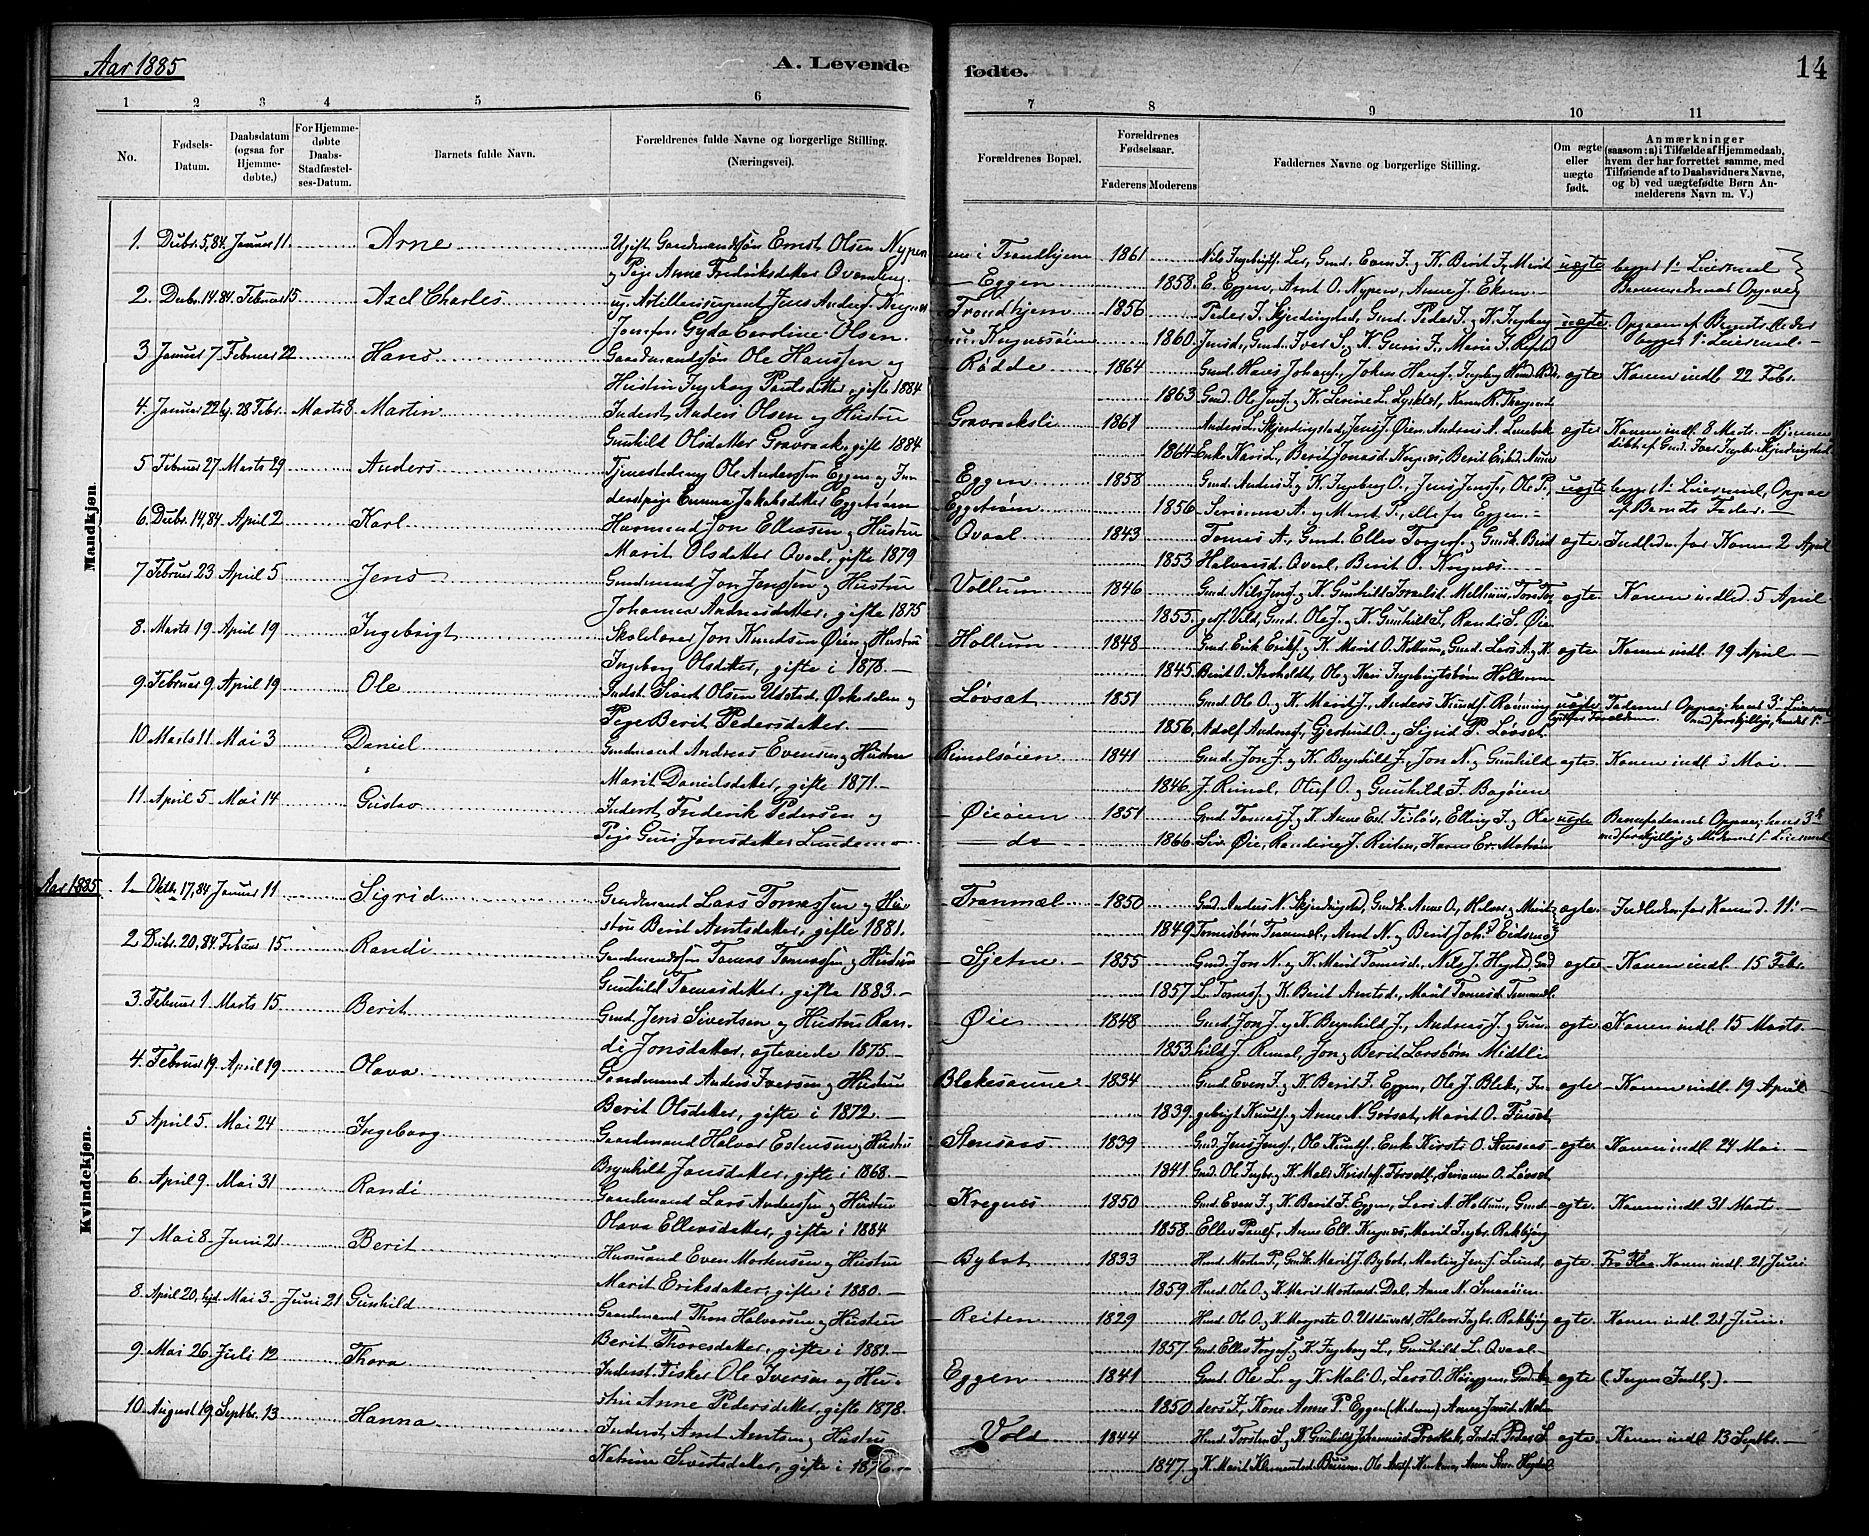 SAT, Ministerialprotokoller, klokkerbøker og fødselsregistre - Sør-Trøndelag, 691/L1094: Klokkerbok nr. 691C05, 1879-1911, s. 14